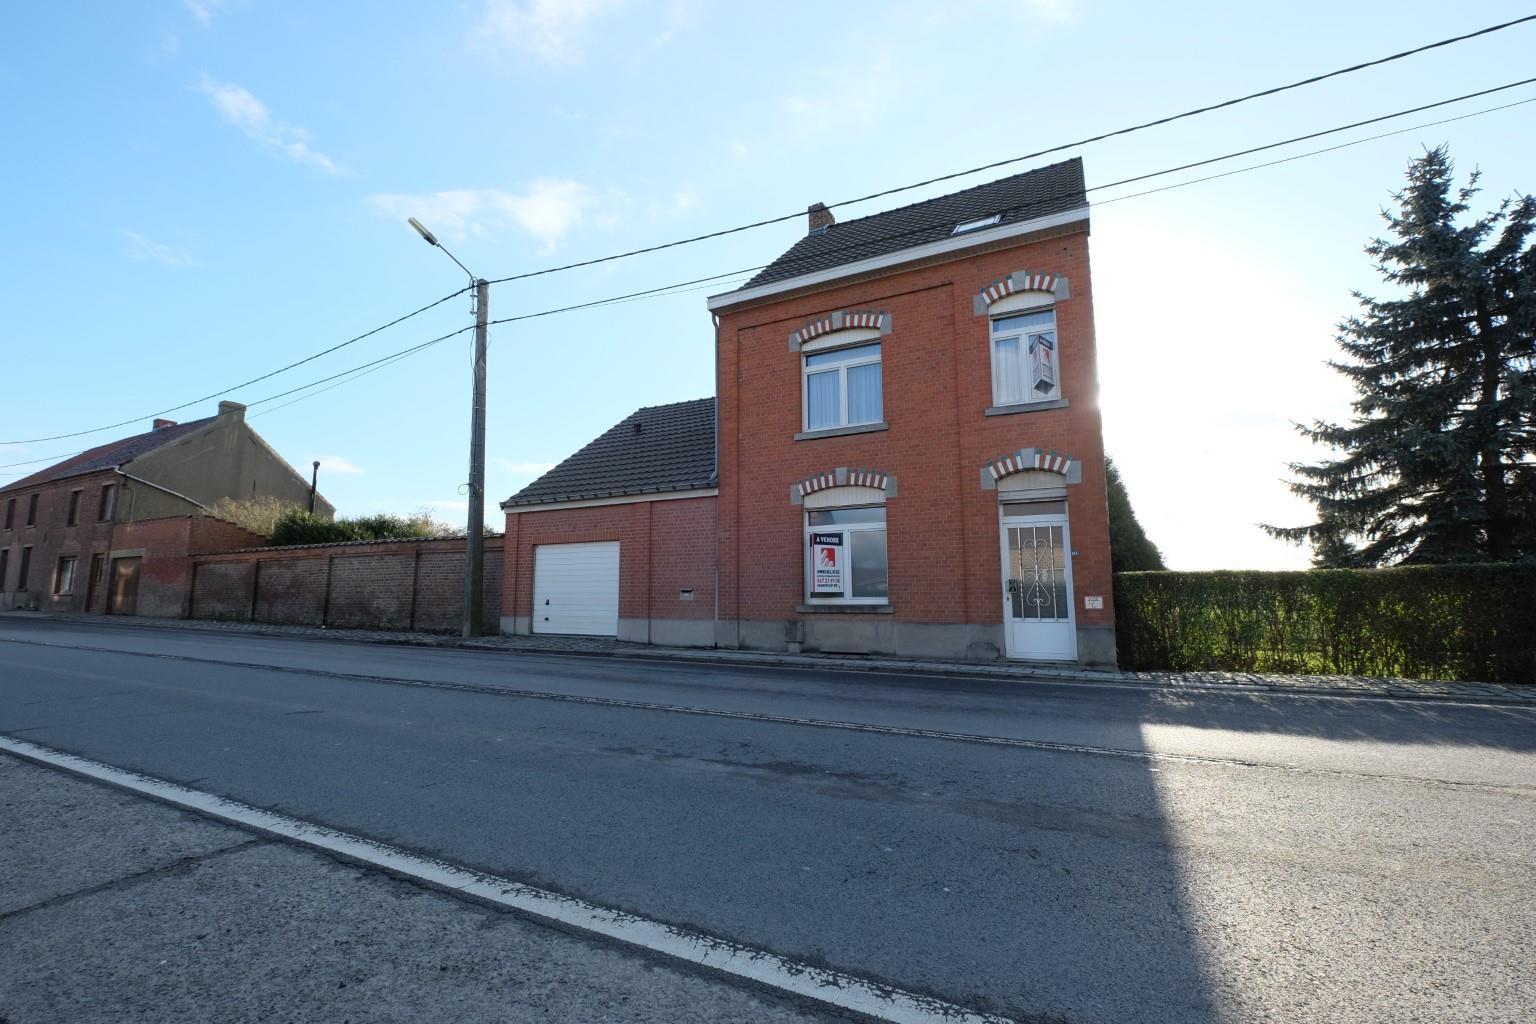 Maison - Braine-le-Comte Hennuyères - #3861161-1